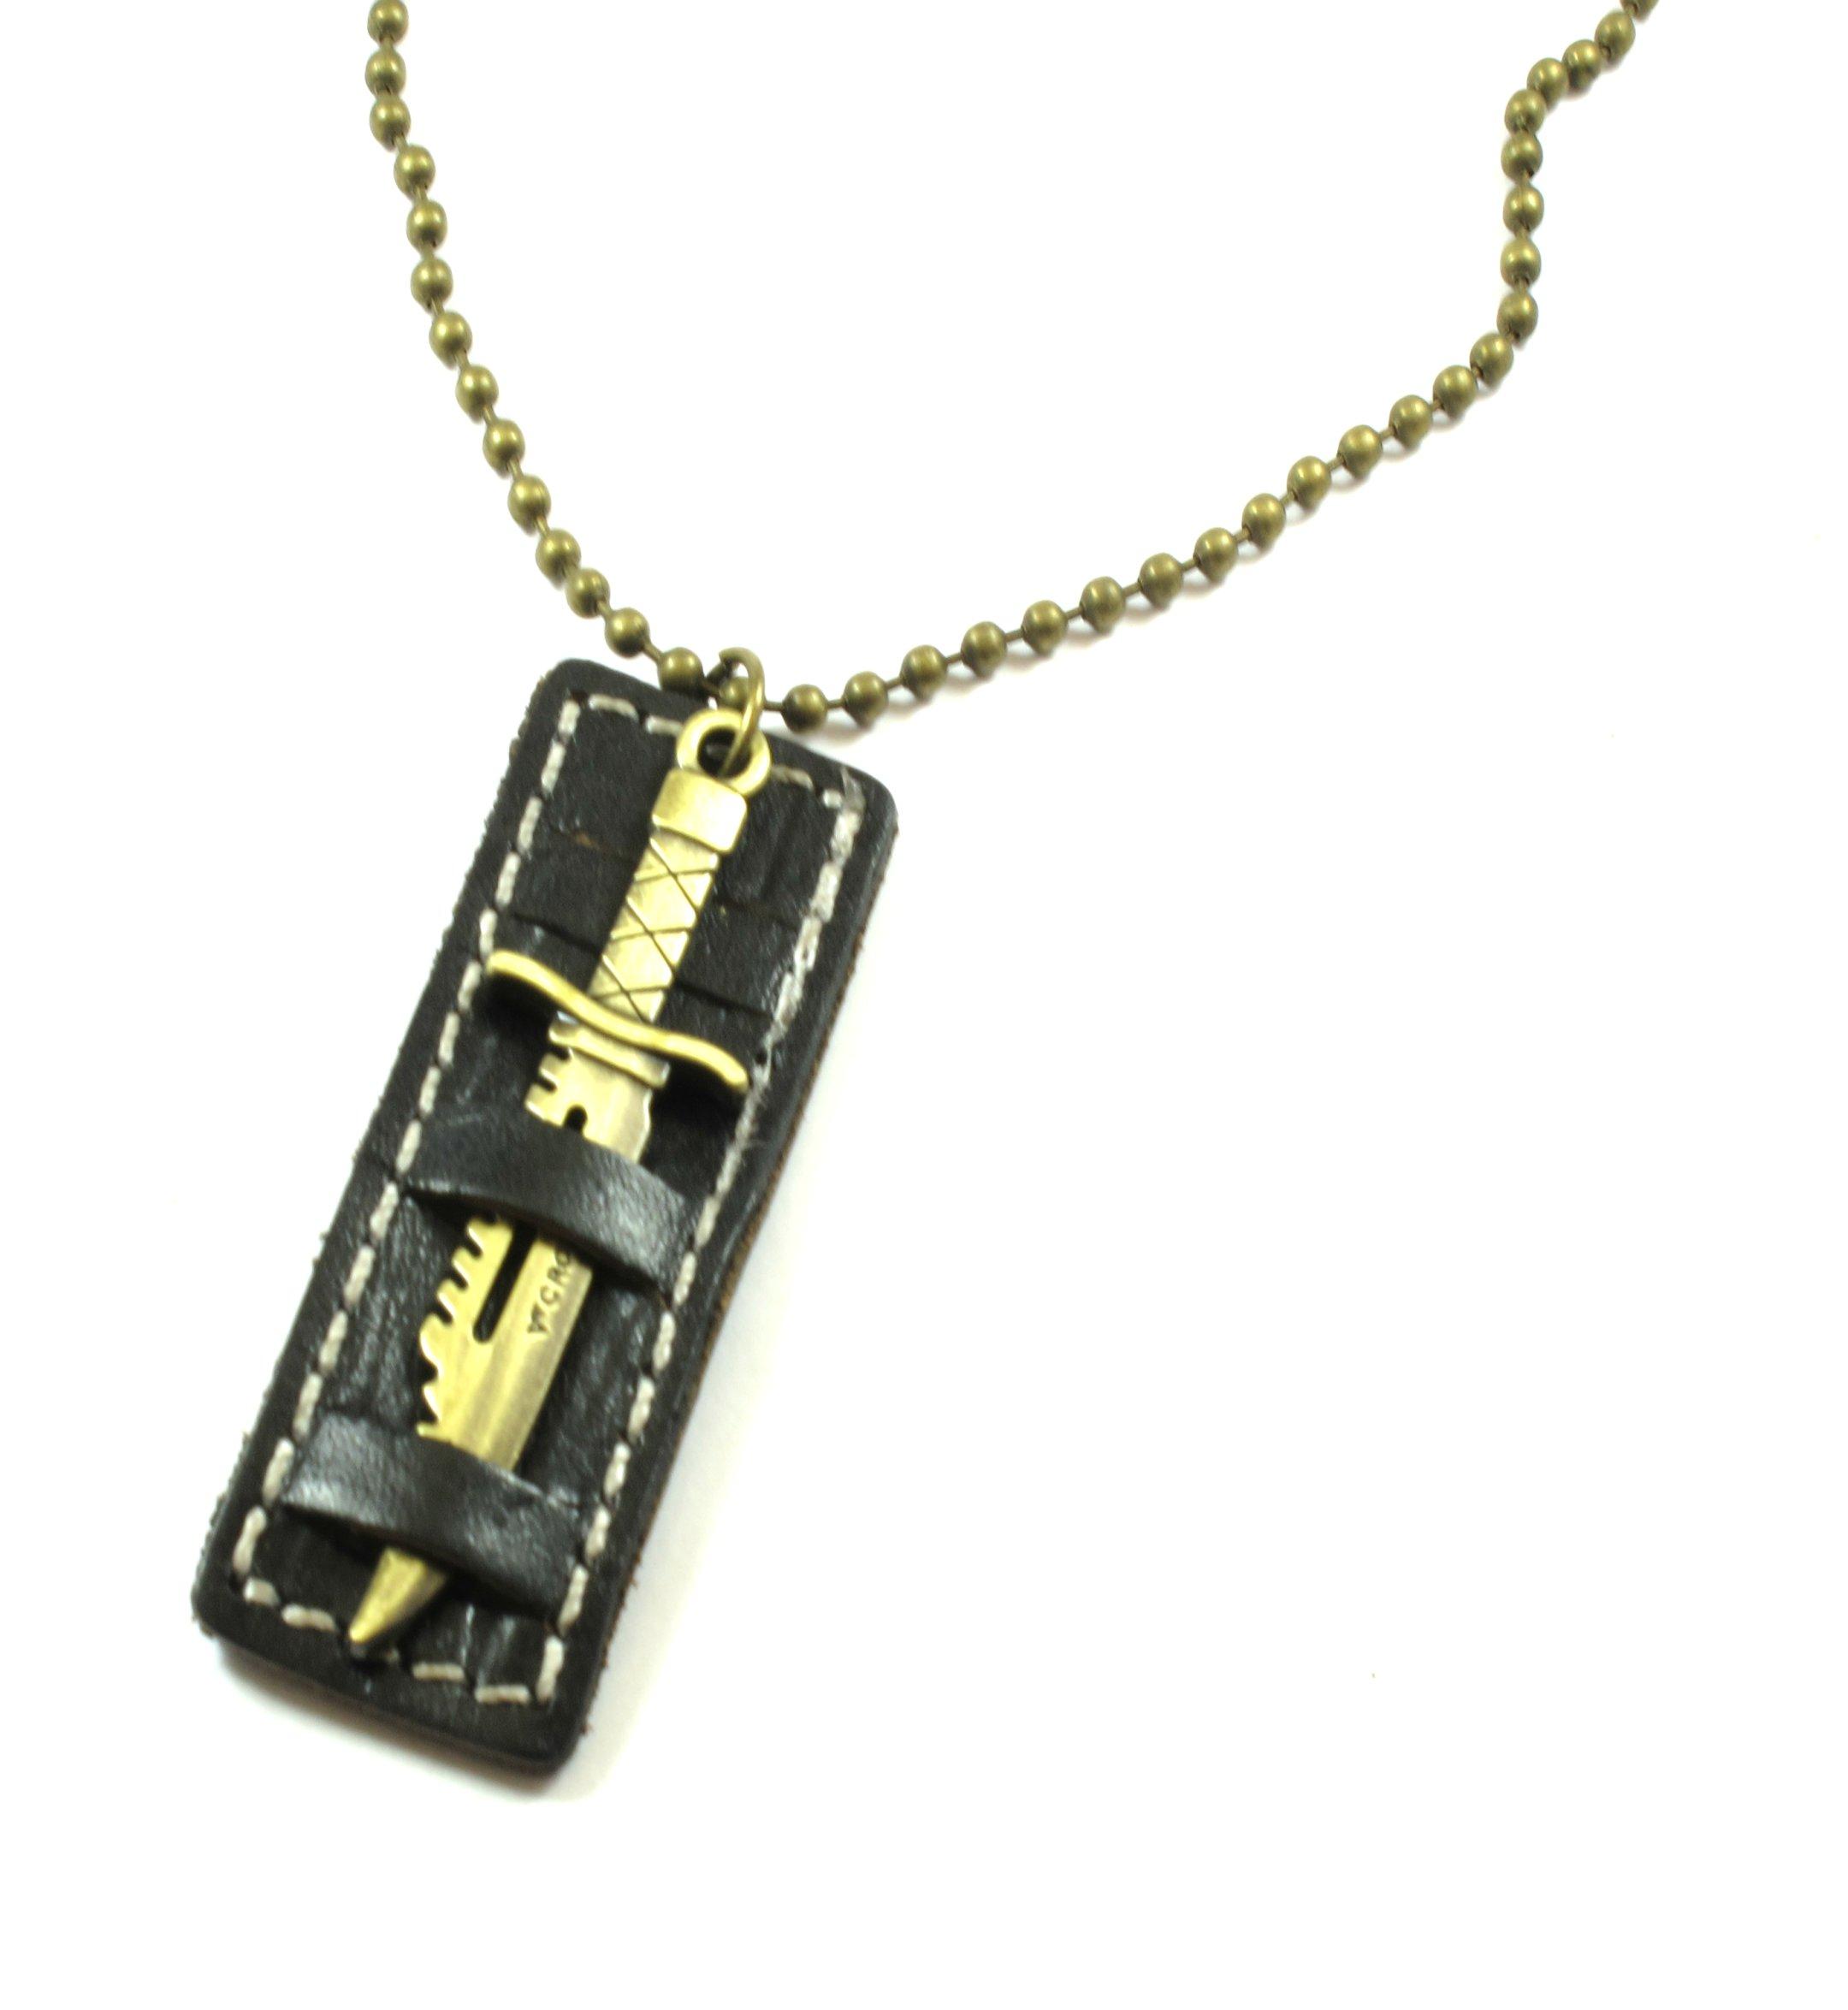 Κολιέ αντρικό κρεμαστό μεταλλικό με αλυσίδα μπίλια και δέρμα - e-xantra.gr 433a9a1f4aa